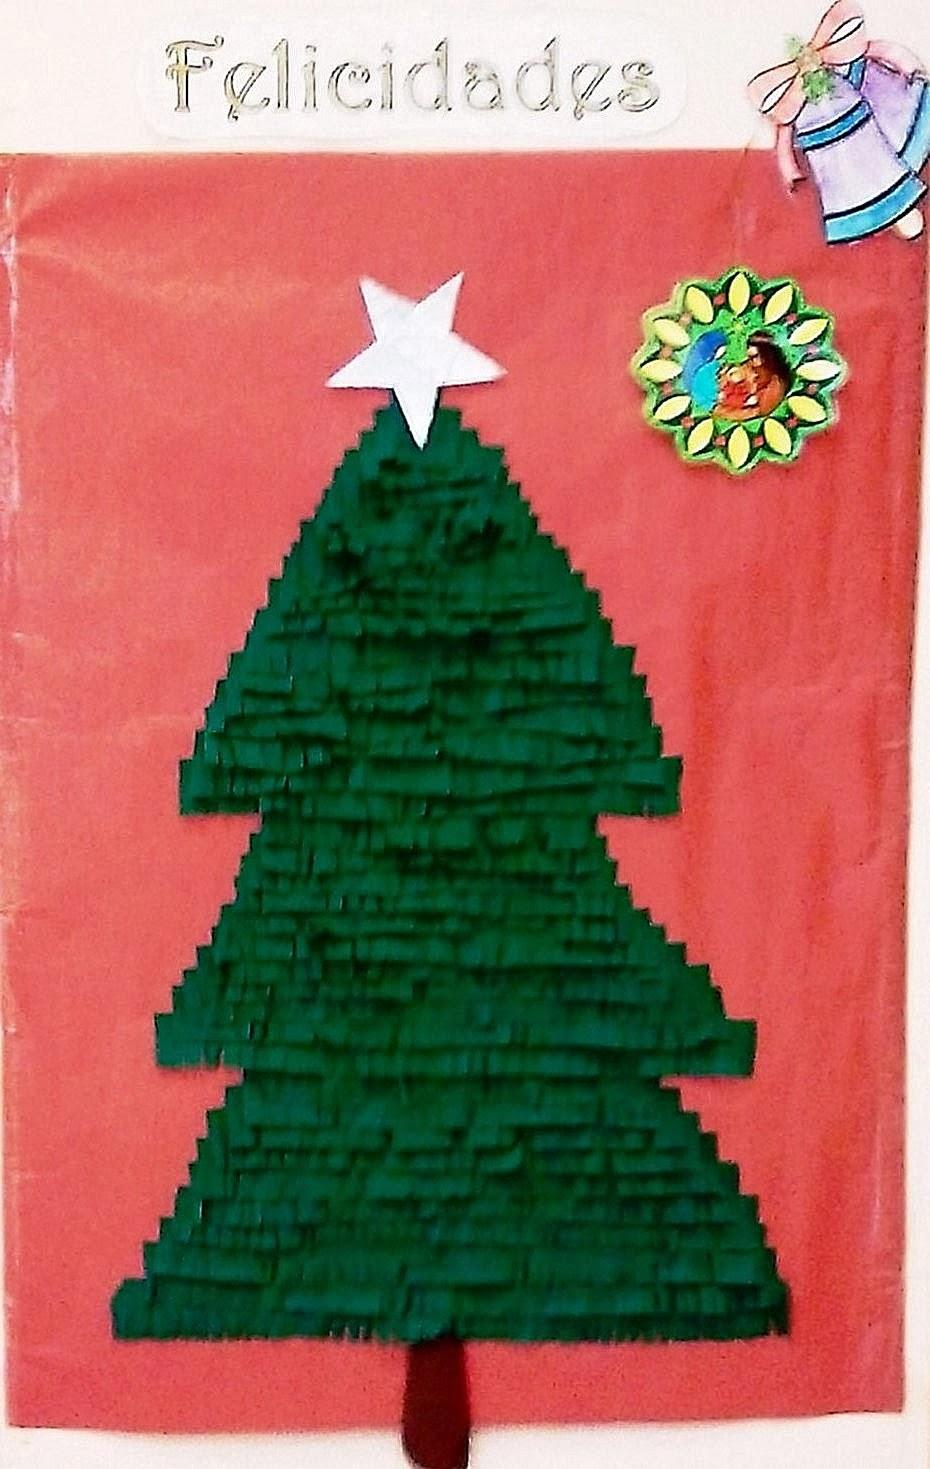 Desde los molinos murales de navidad - Murales decorativos de navidad ...